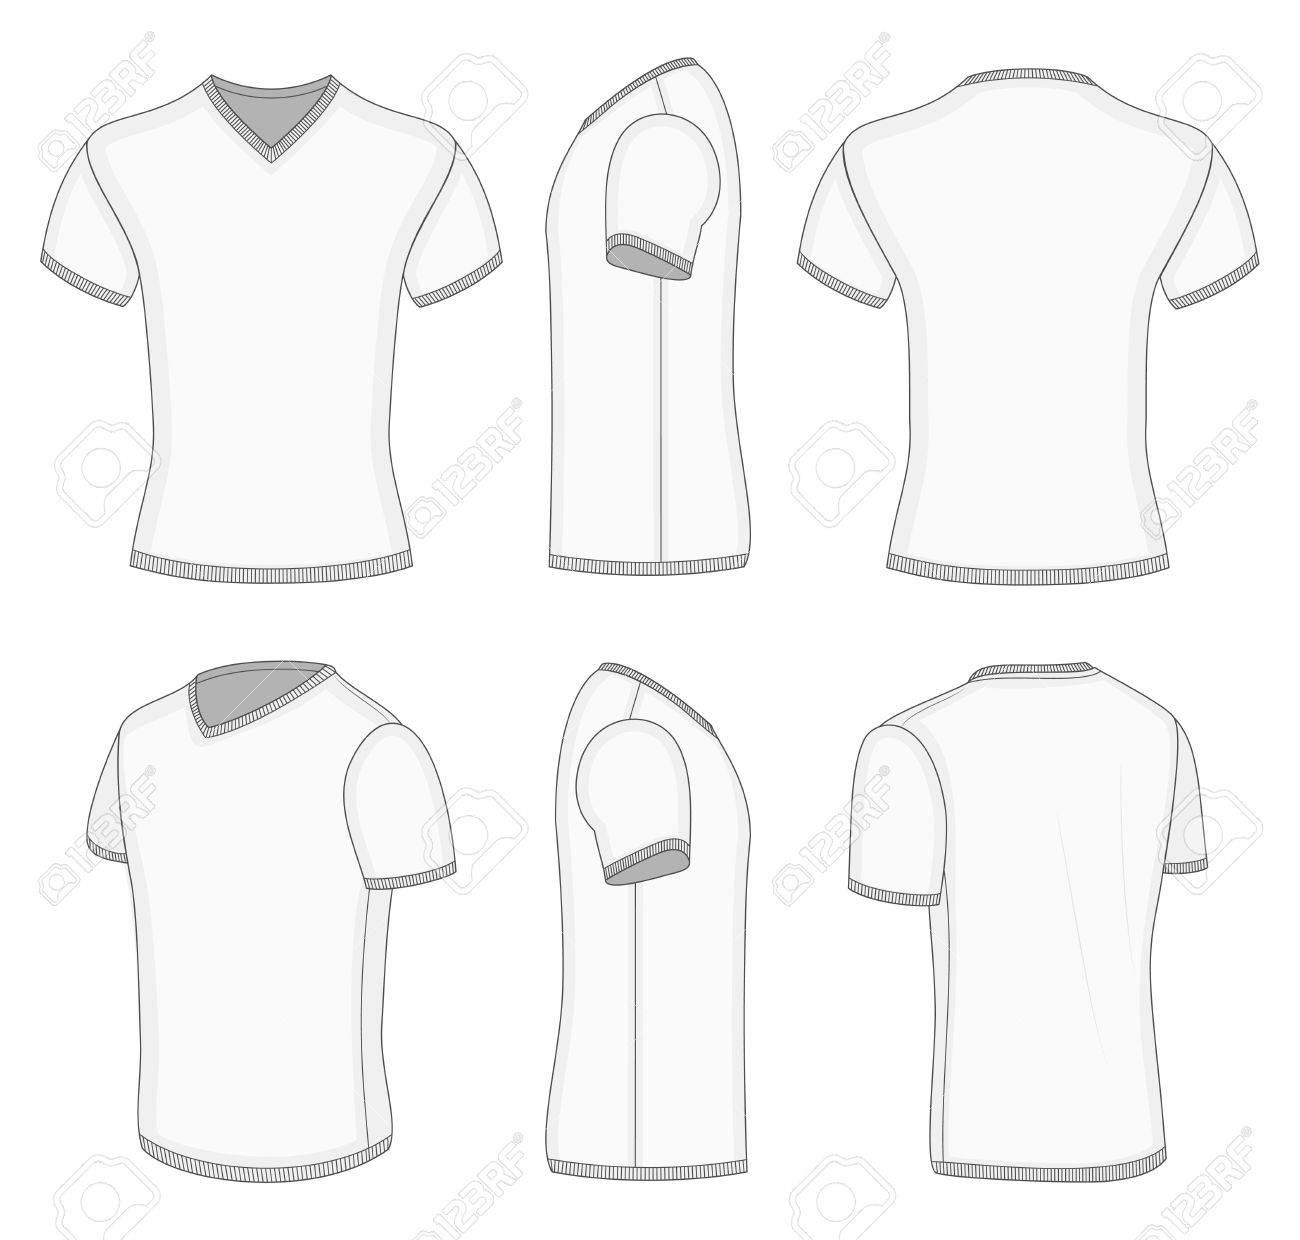 Erfreut V Neck Shirt Vorlage Zeitgenössisch - Beispiel Business ...